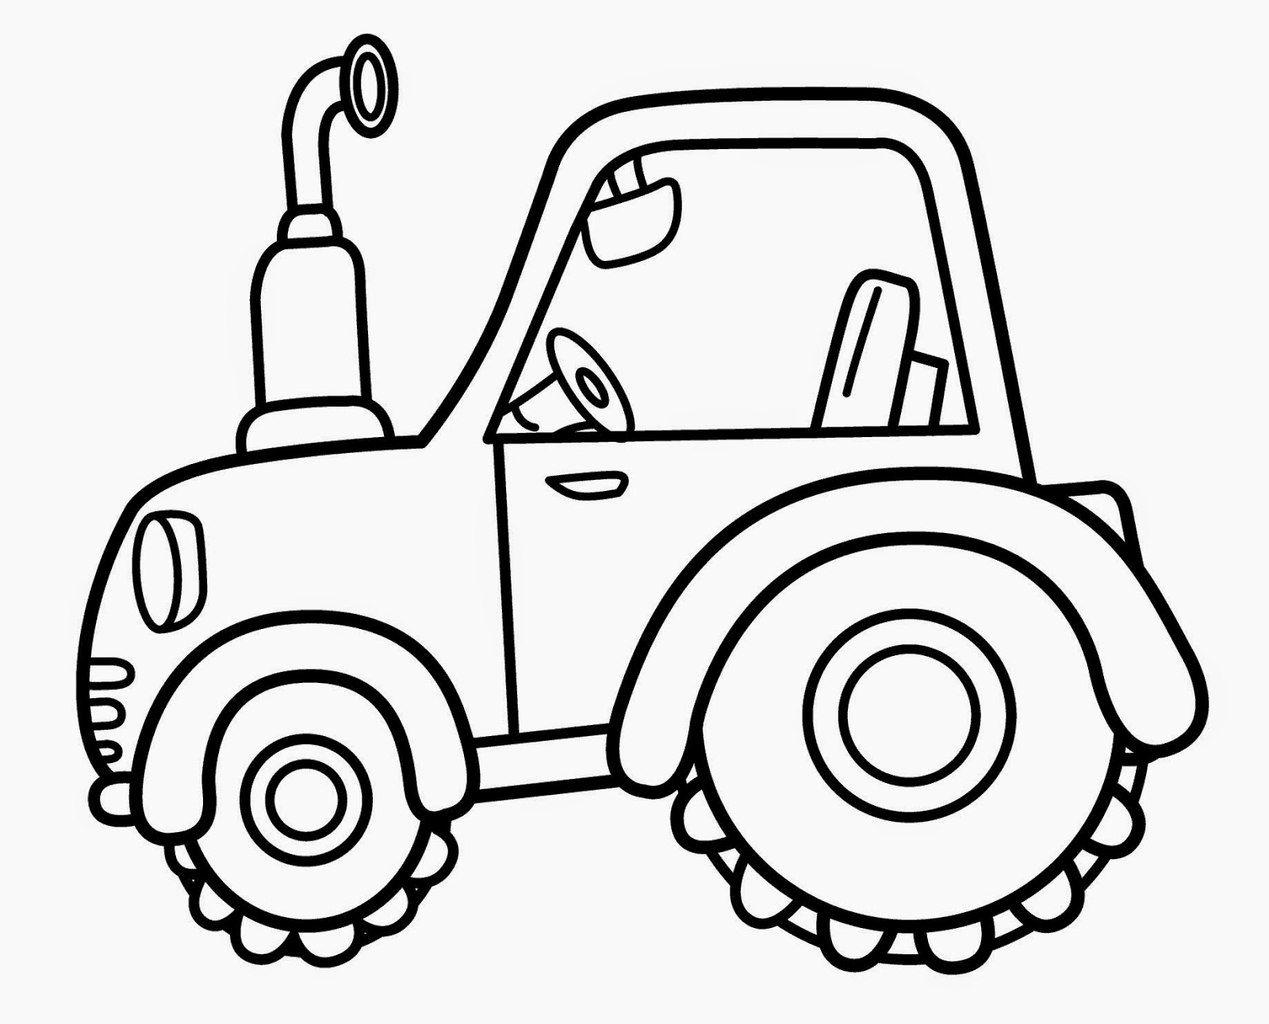 Pin Ot Polzovatelya Maria Montes Na Doske Risunok Raskraski Detskie Raskraski Traktor